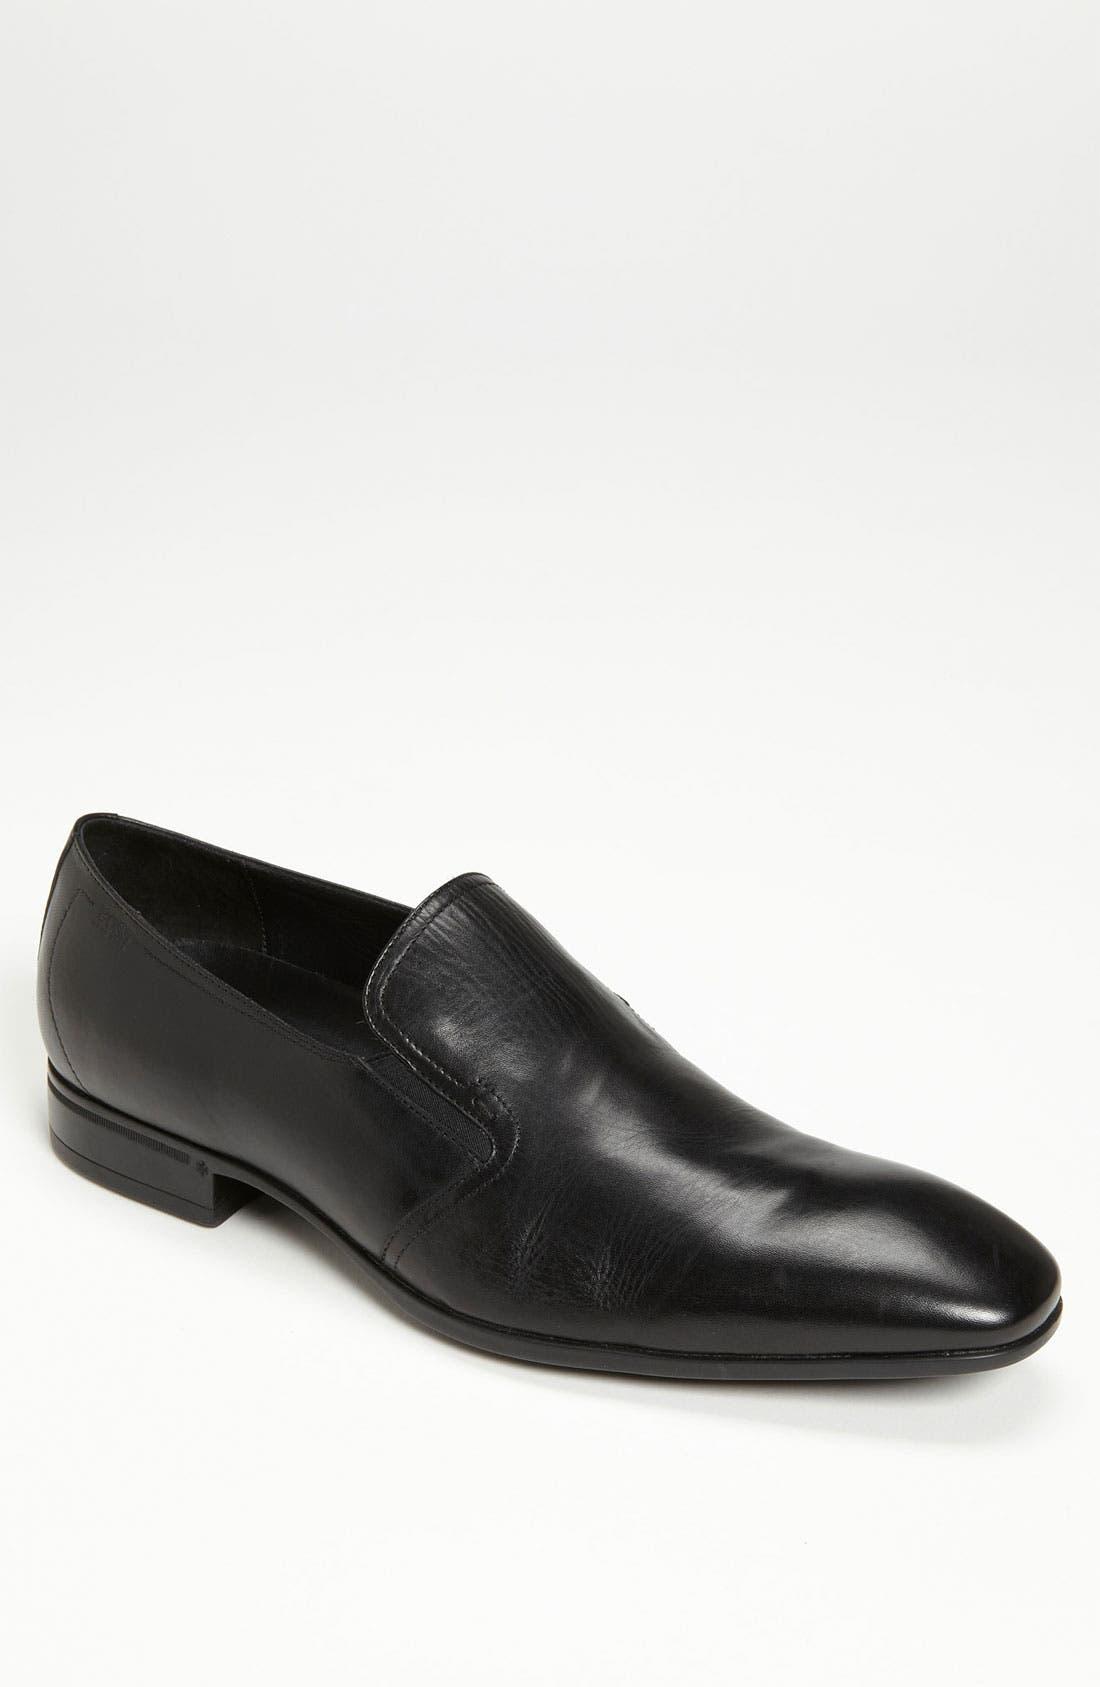 Alternate Image 1 Selected - BOSS Black 'Vermir' Loafer